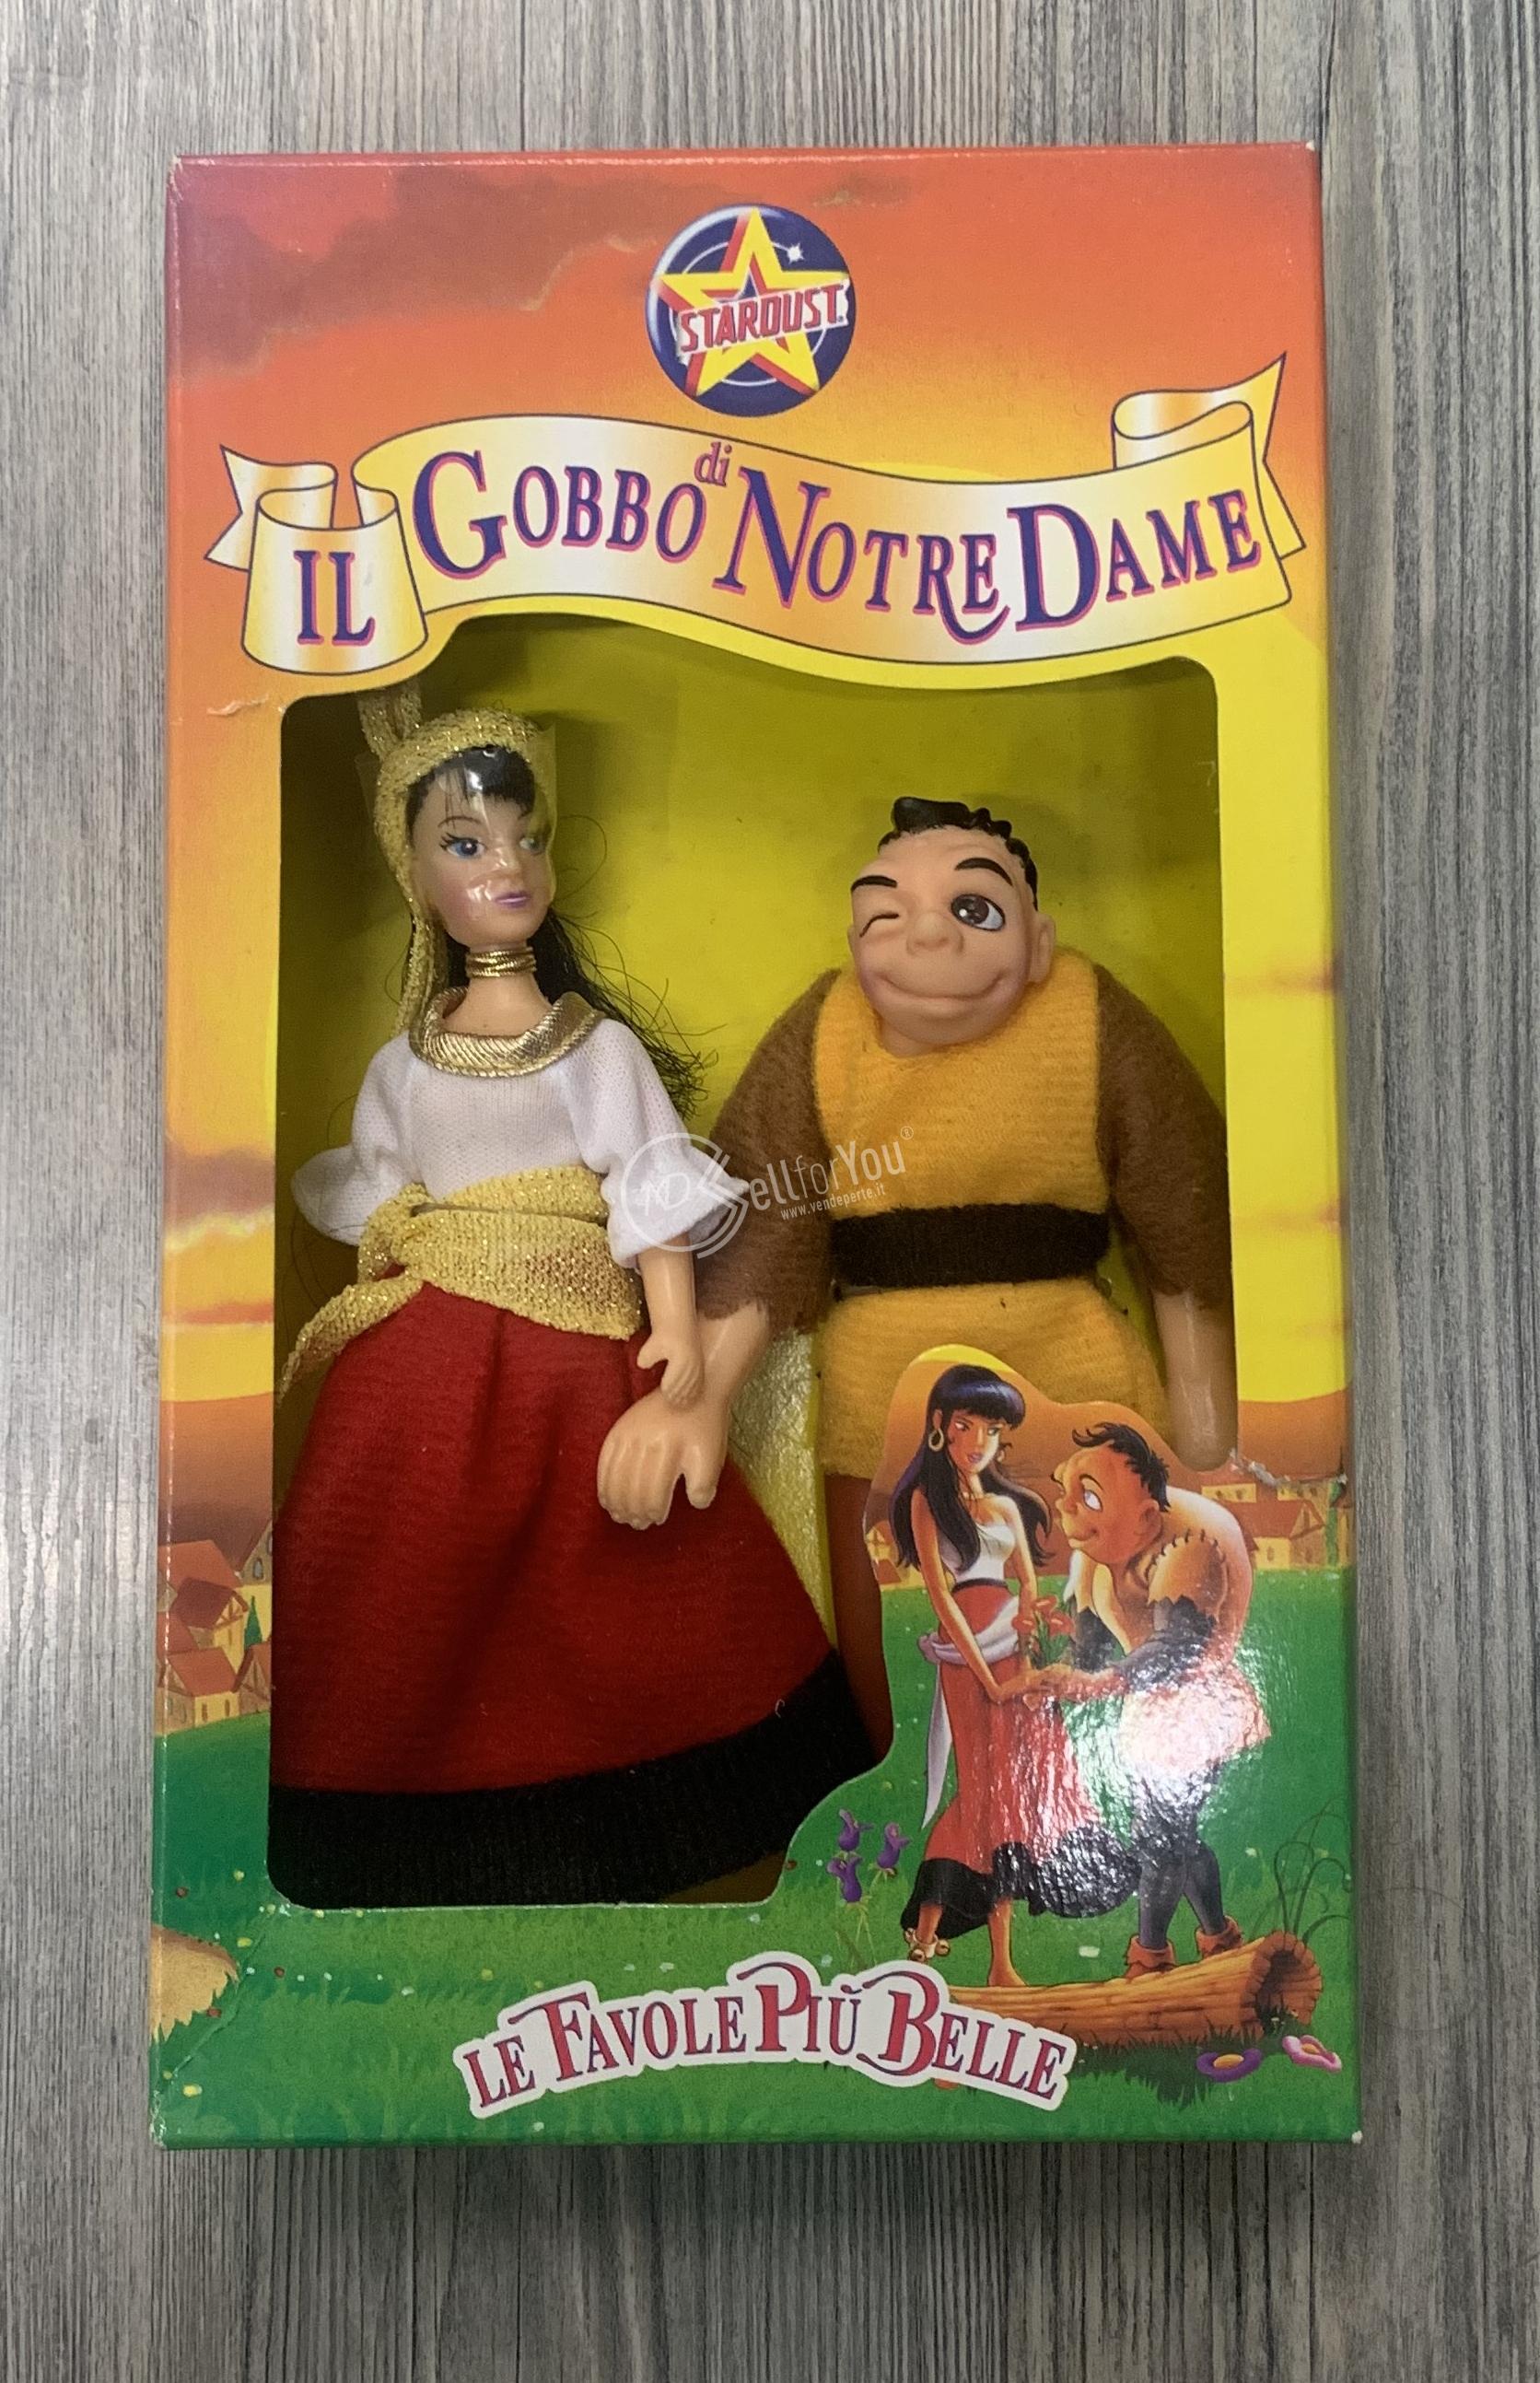 sellforyou immagine default articolo correlato non trovatoIl Gobbo di Notre Dame - Stardust